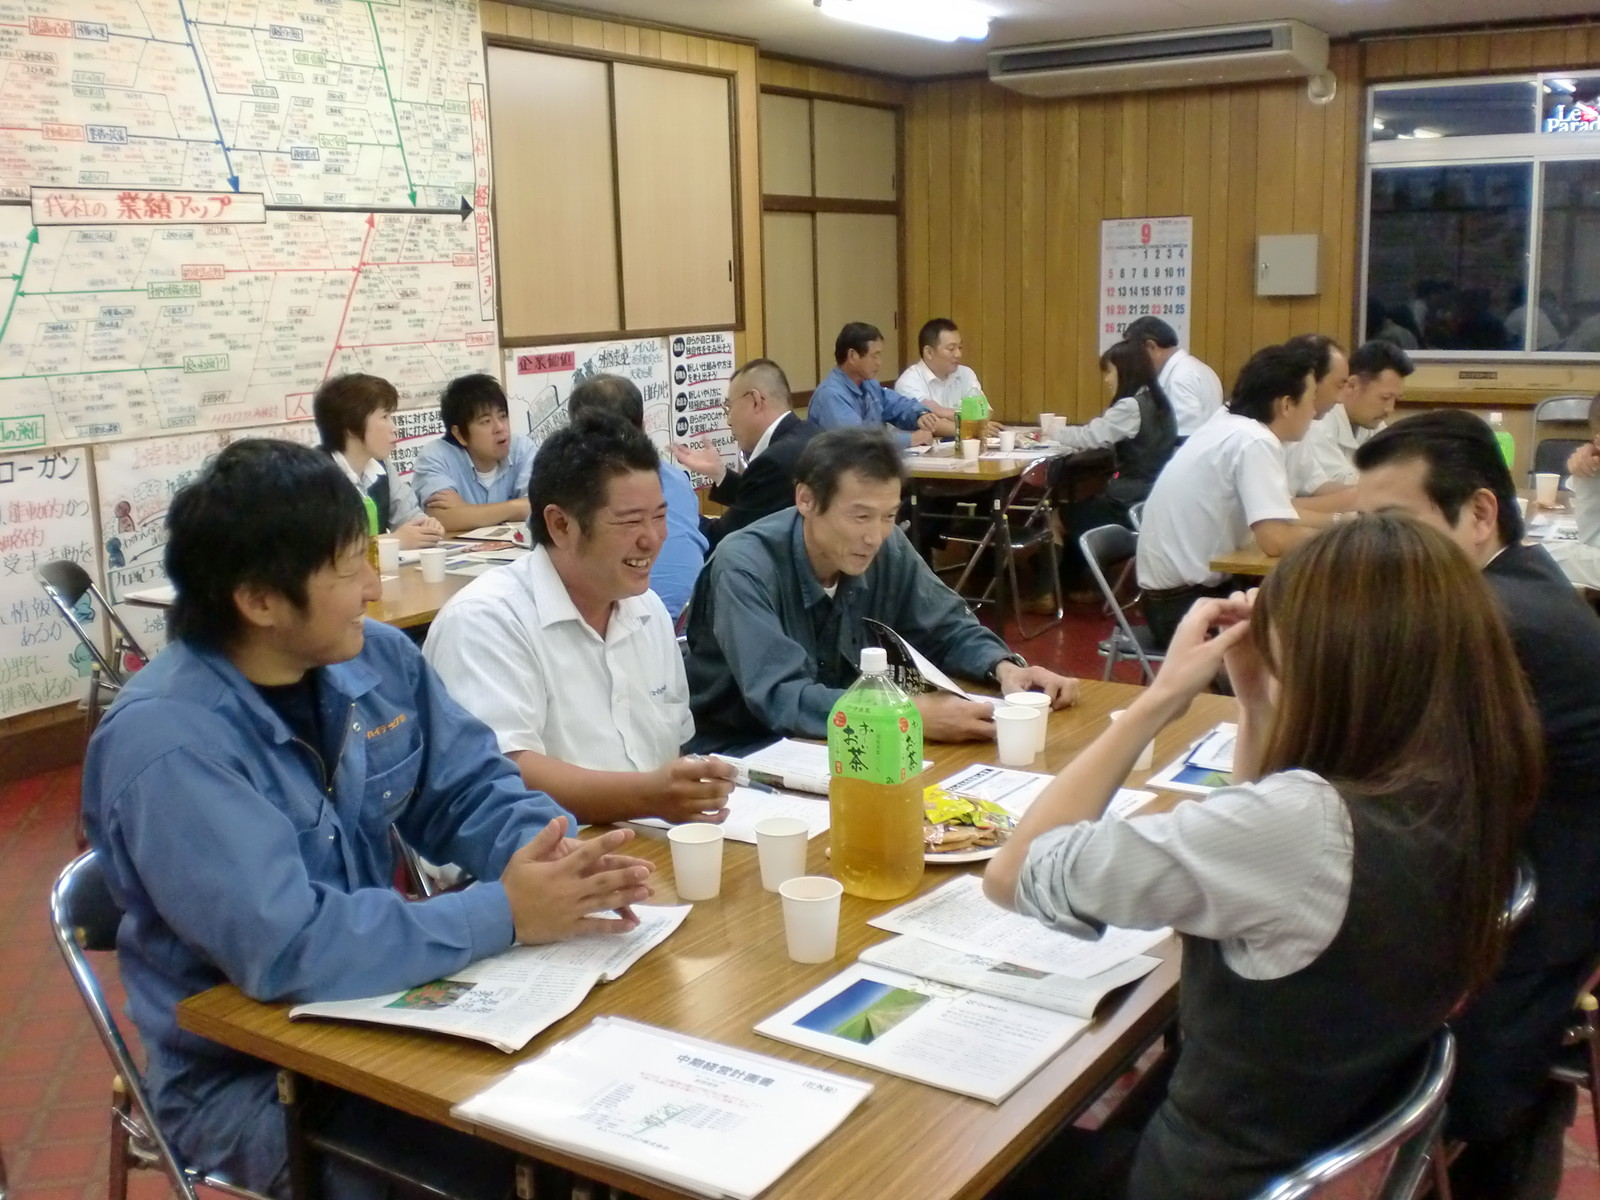 9月「理念と経営」社内勉強会を開催しました。